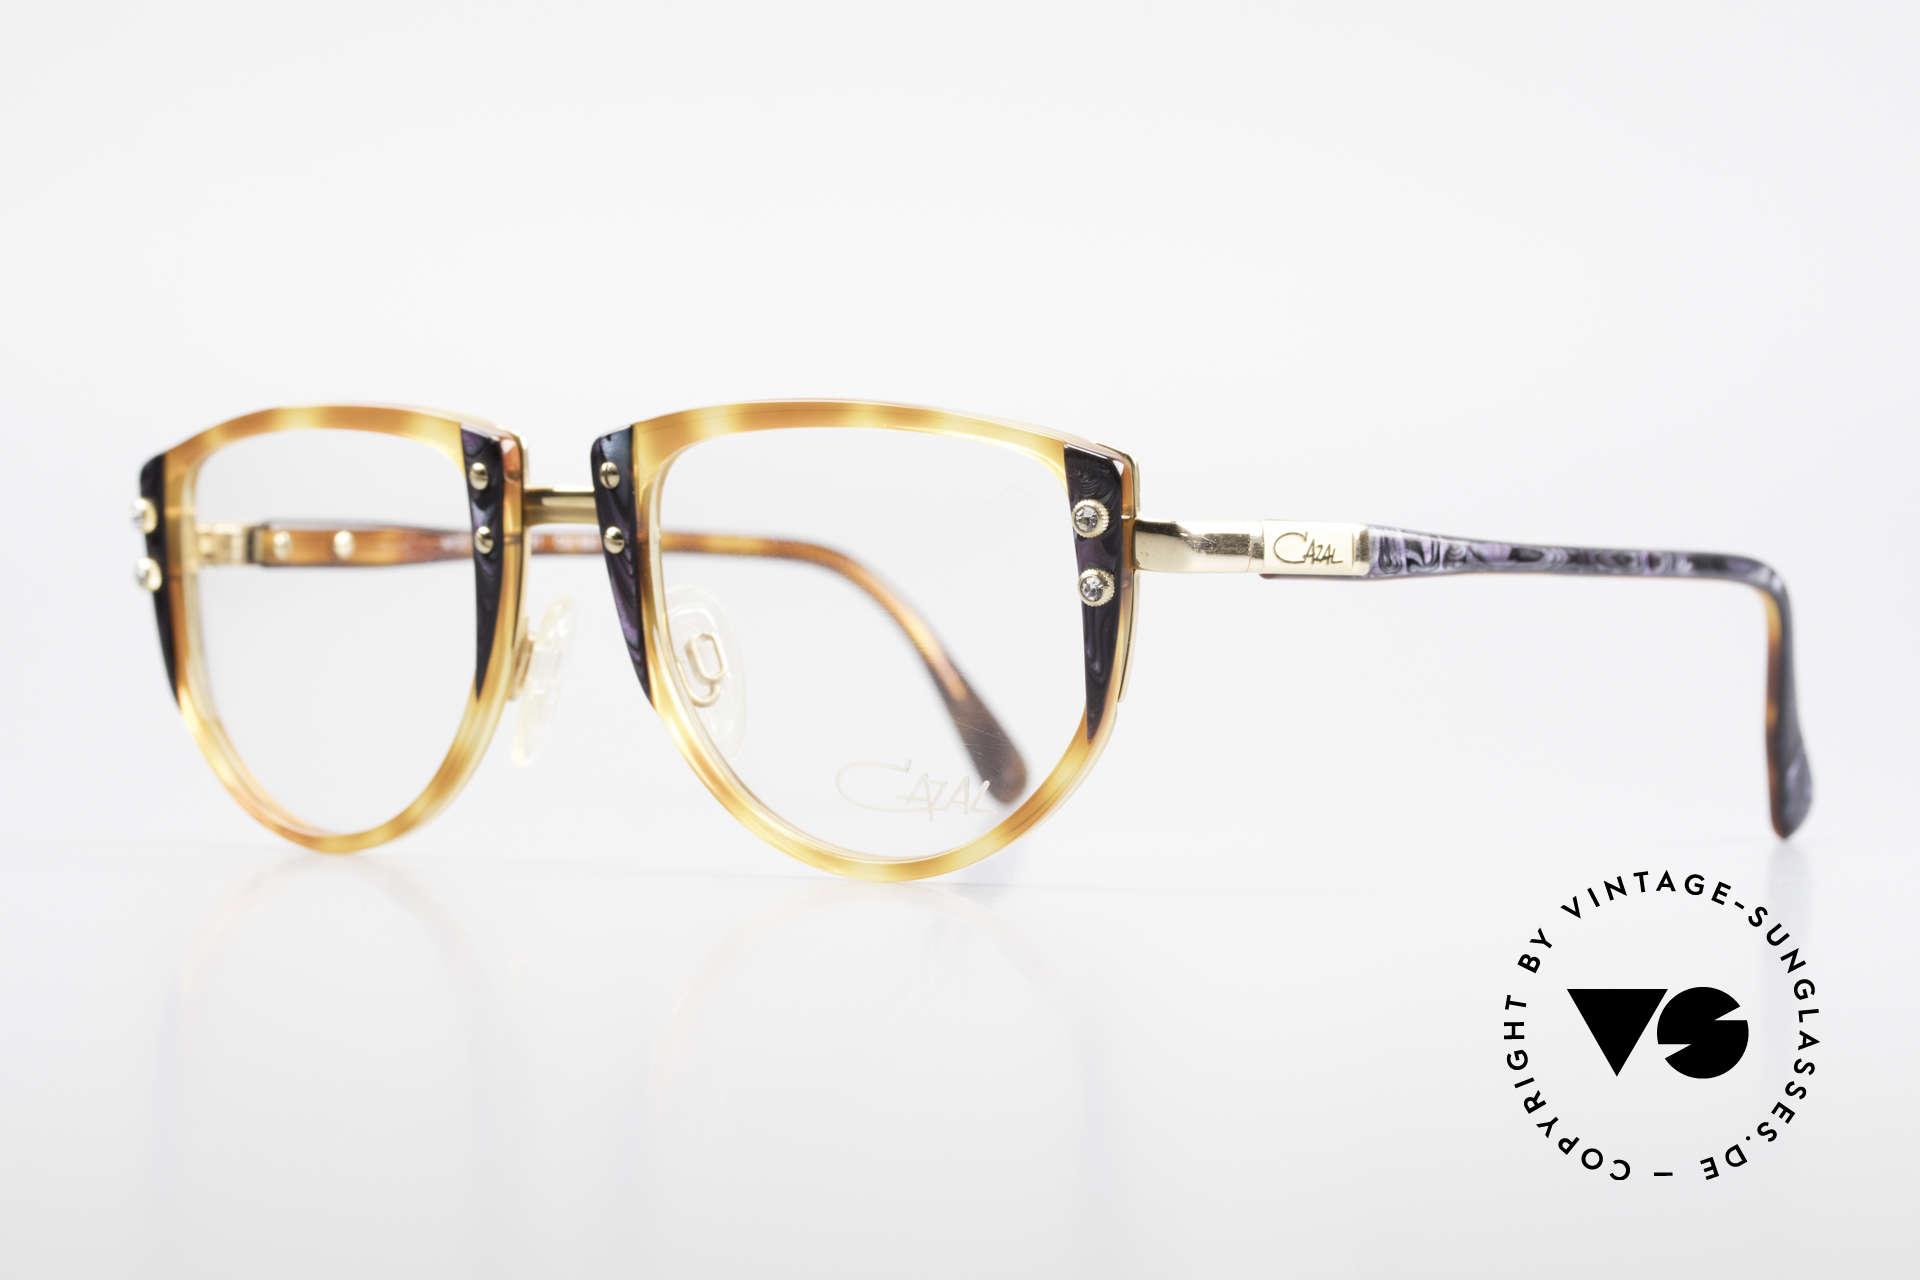 Cazal 332 90er Vintage Cazal Brille OG, Zierschrauben mit kleinen Strass-Steinen besetzt, Passend für Damen